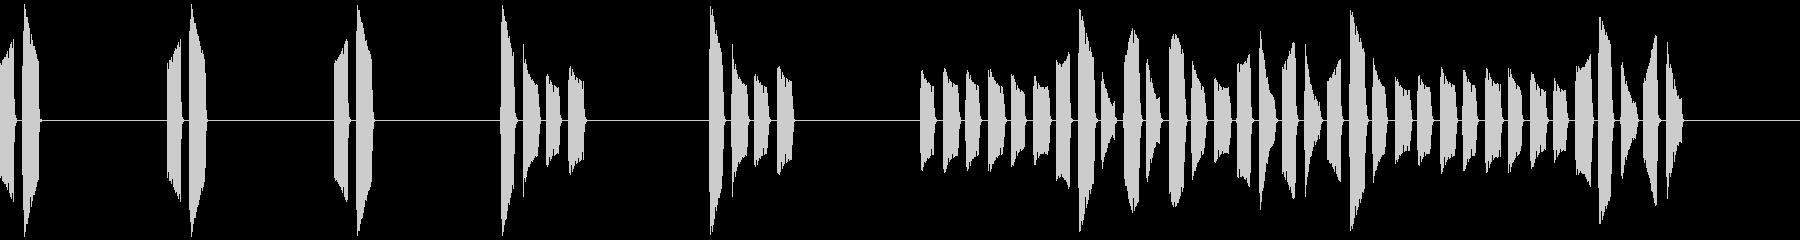 ピピッピピッピピピピッピピ…(目覚まし)の未再生の波形